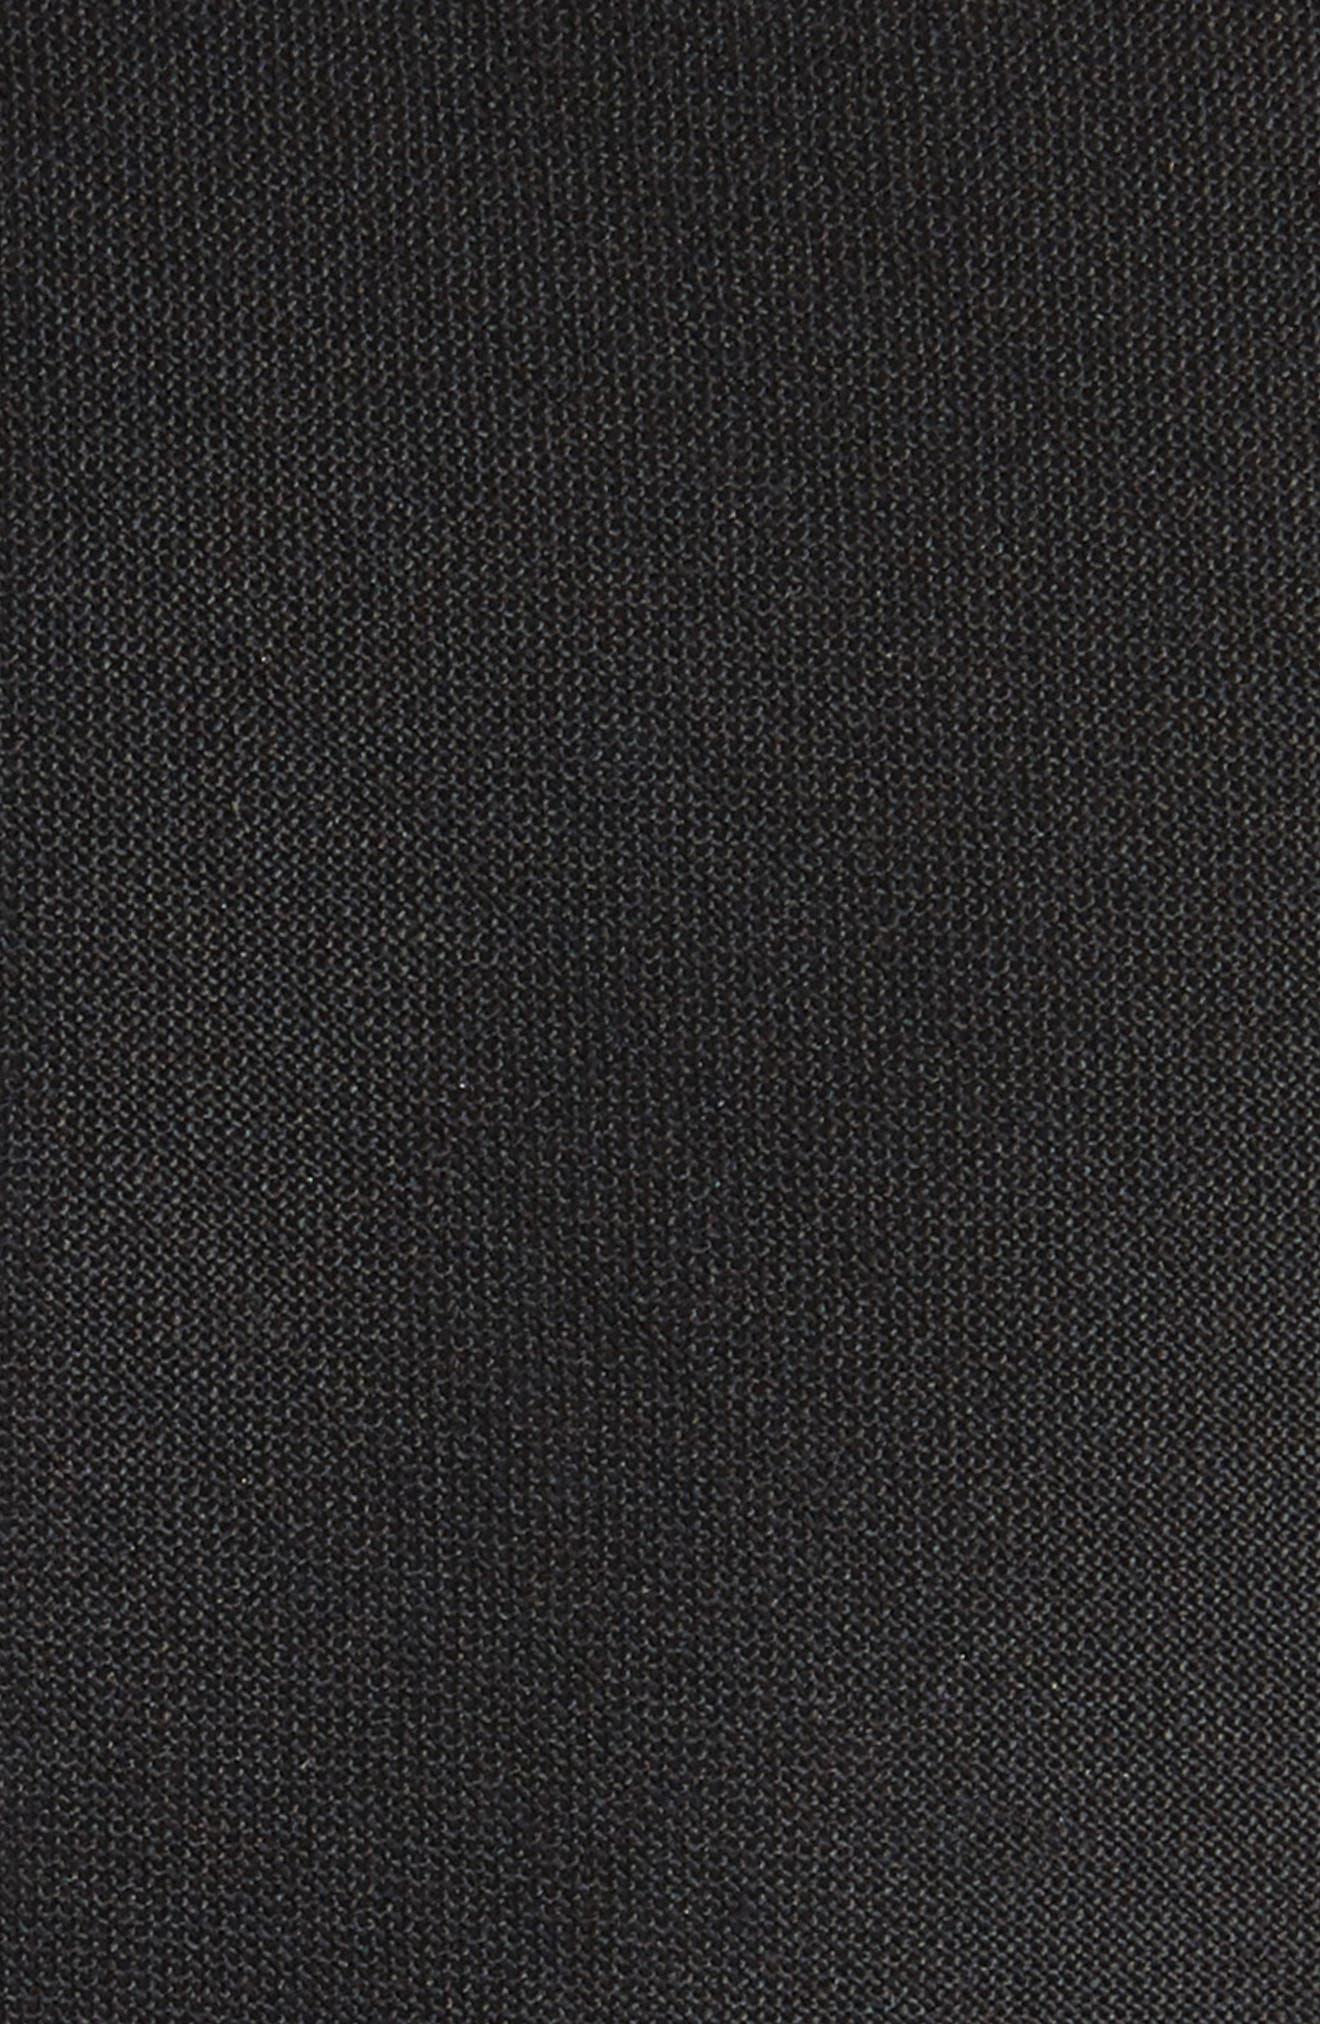 Marled Wool Skinny Tie,                             Alternate thumbnail 2, color,                             001